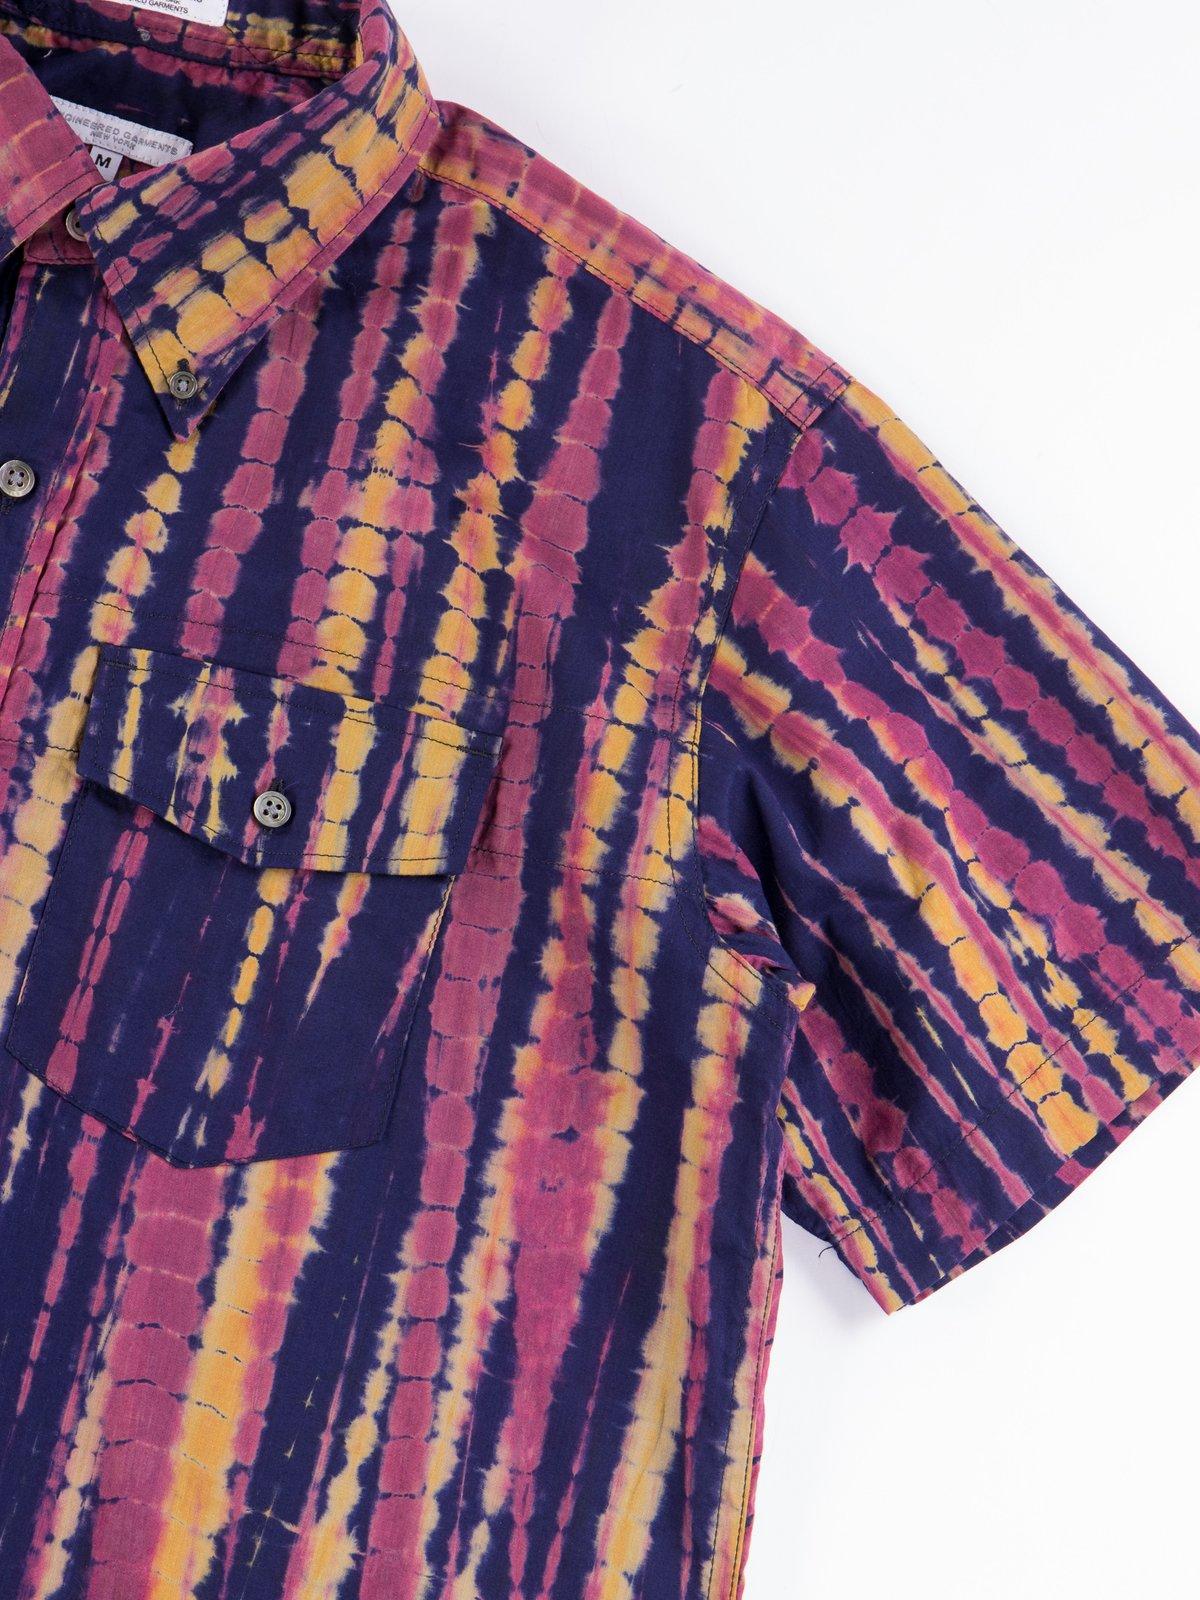 Navy Cotton Lawn Batik Stripe Popover BD Shirt - Image 5